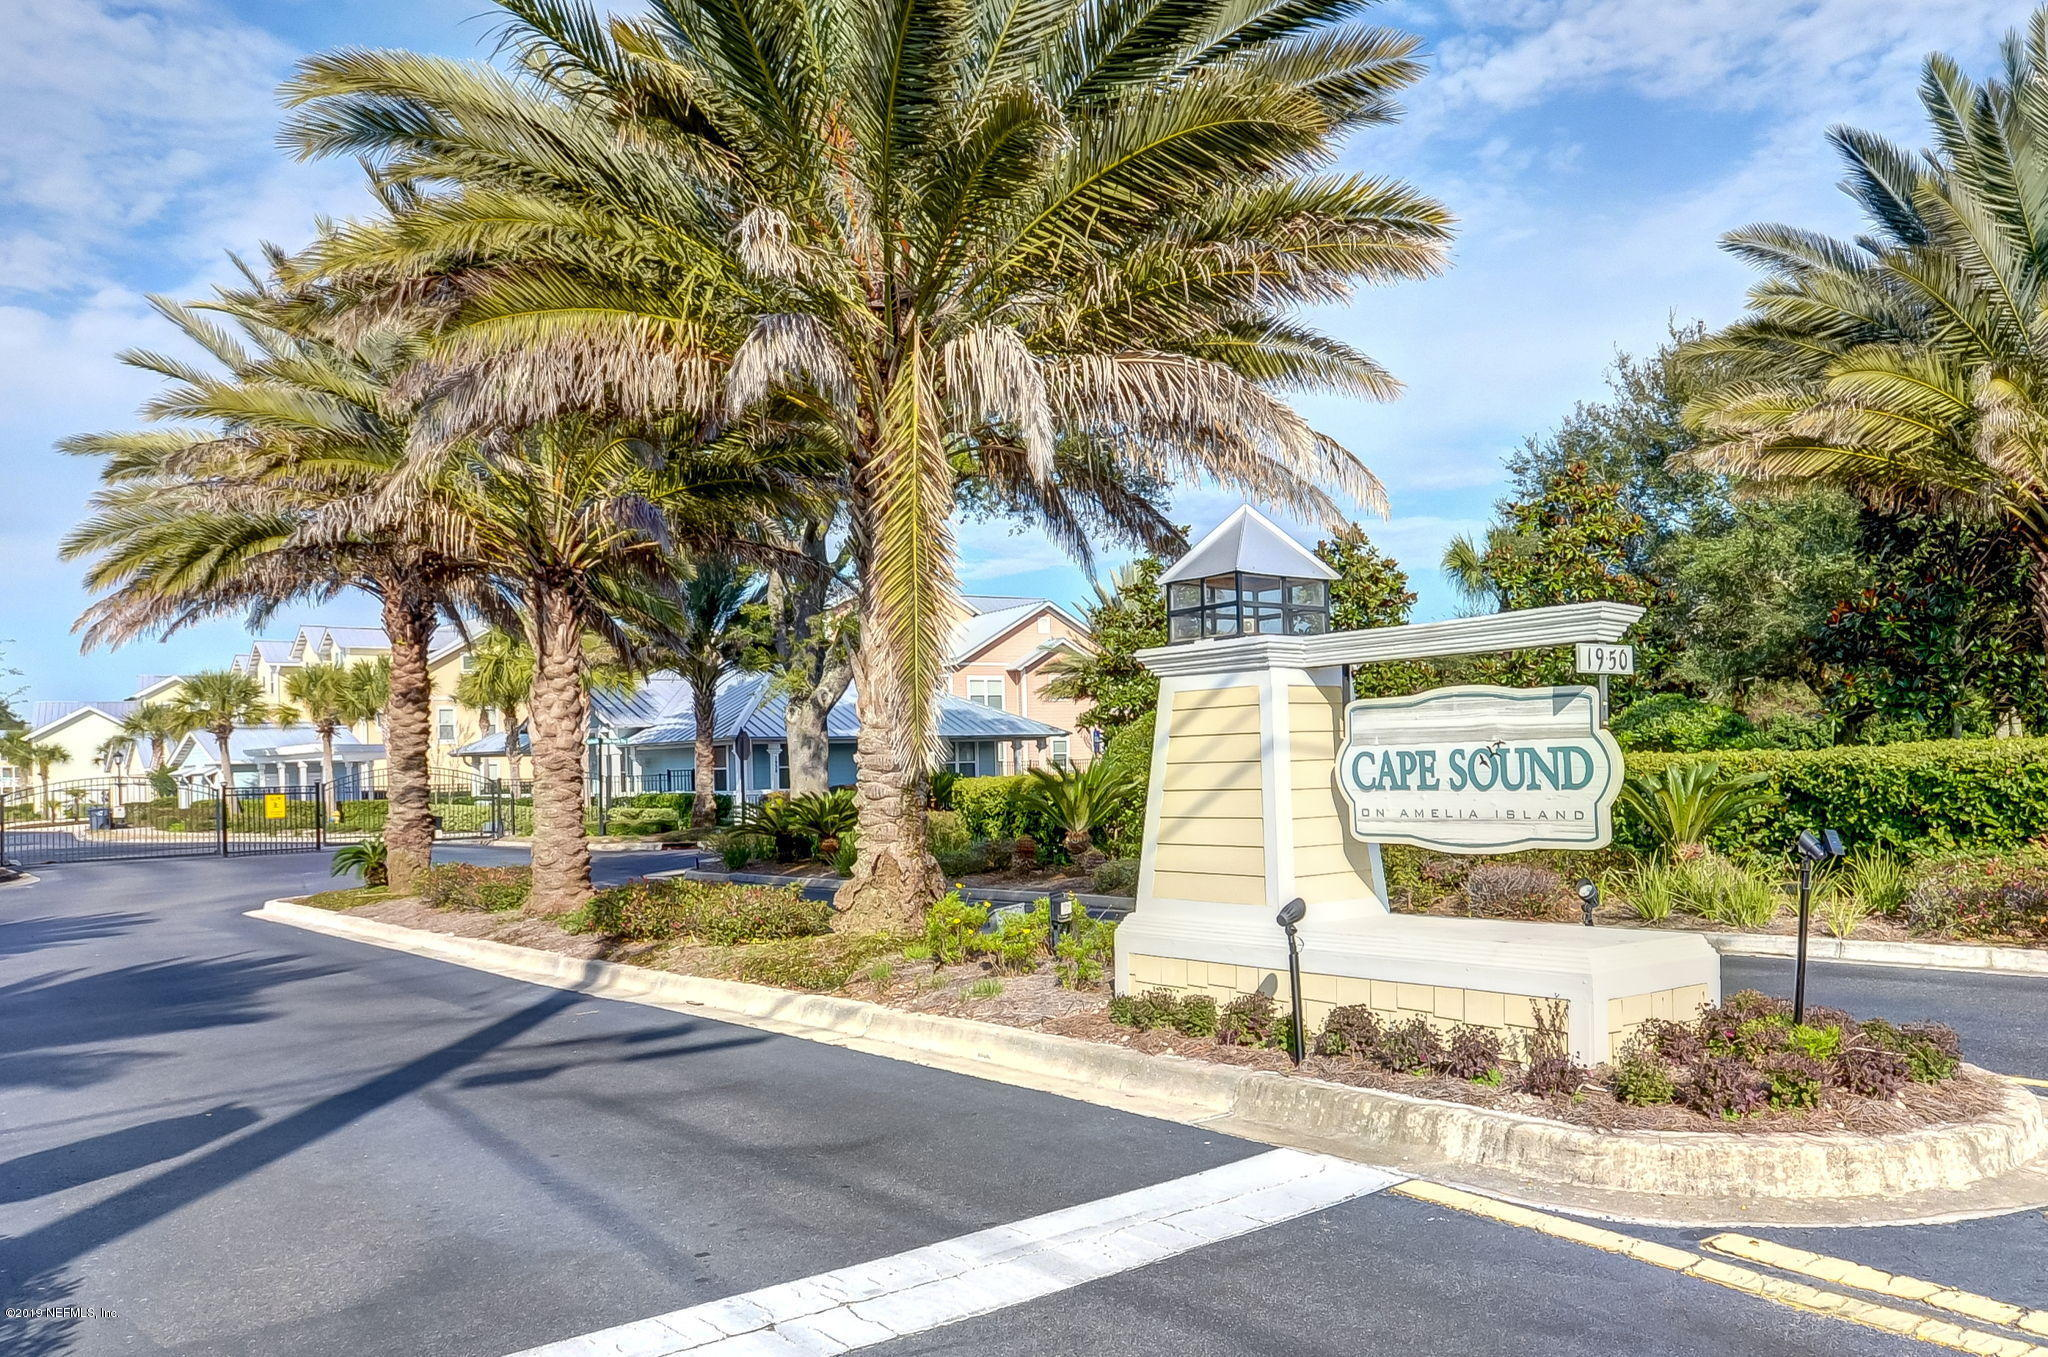 1844 SURF SIDE, FERNANDINA BEACH, FLORIDA 32034, 3 Bedrooms Bedrooms, ,3 BathroomsBathrooms,Condo,For sale,SURF SIDE,1022079